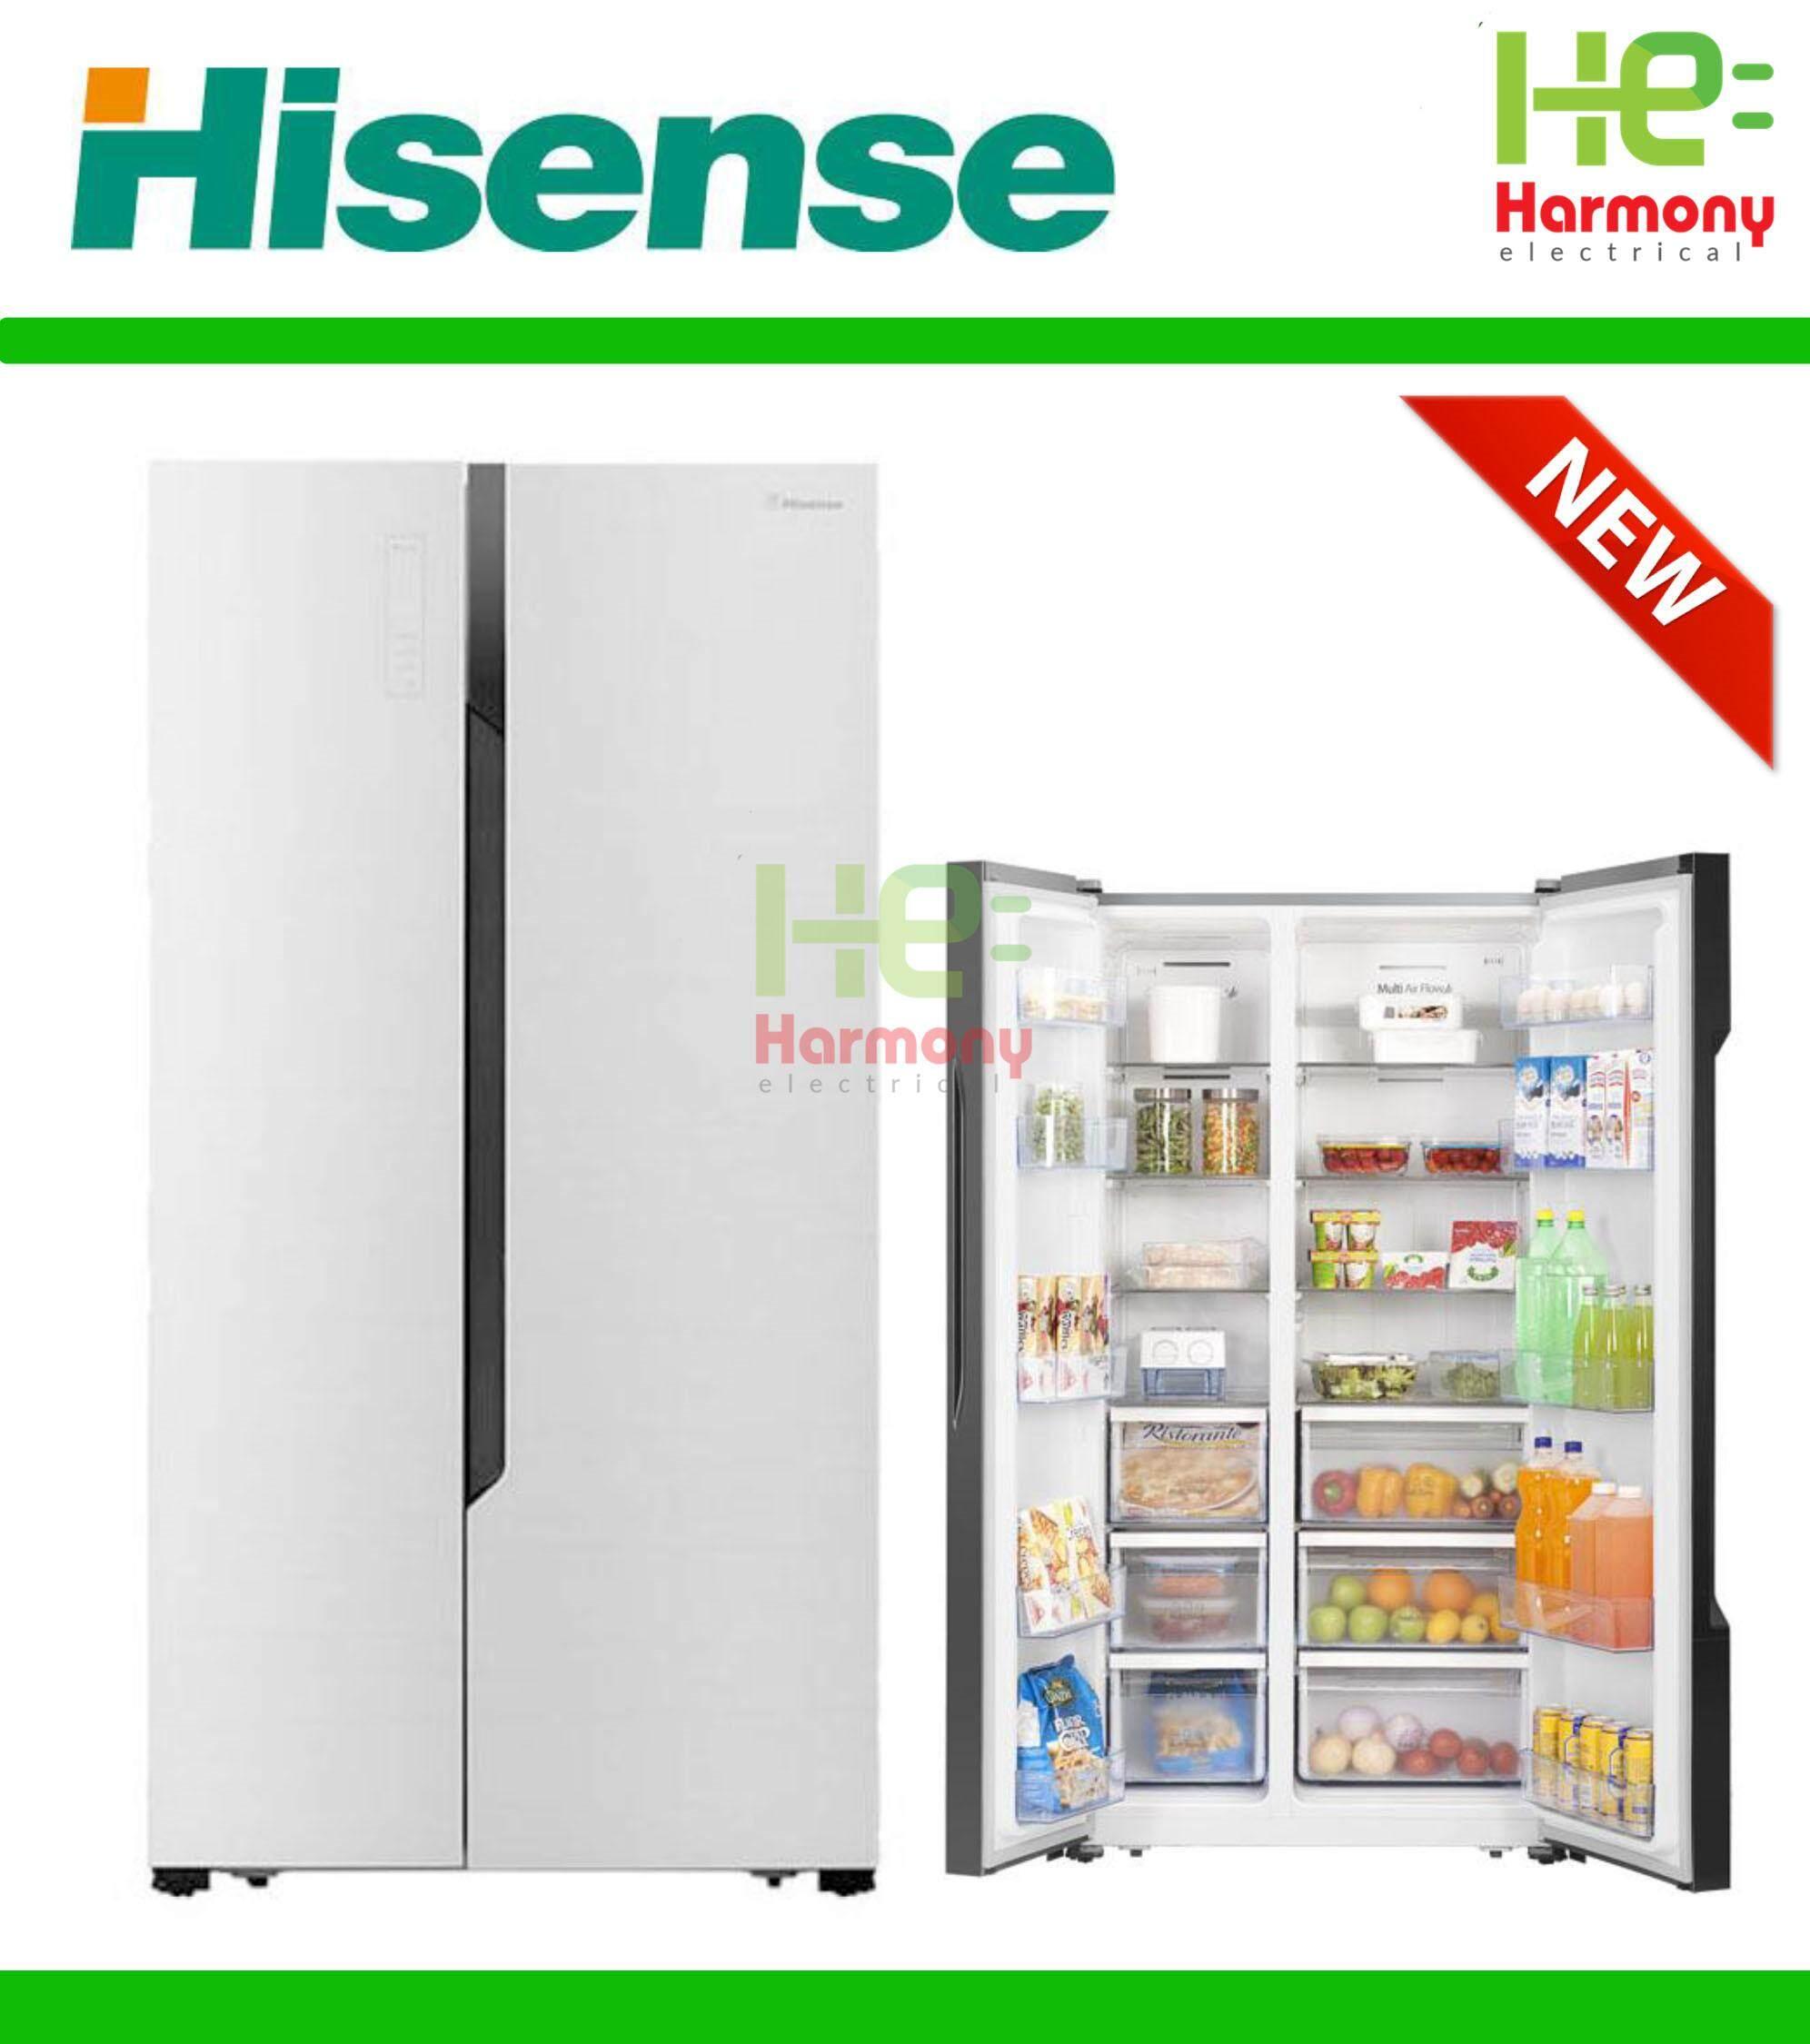 New : Hisense Nett 636L Side By Side Fridge White Glass Door RS826N4AWU +  Free Gift